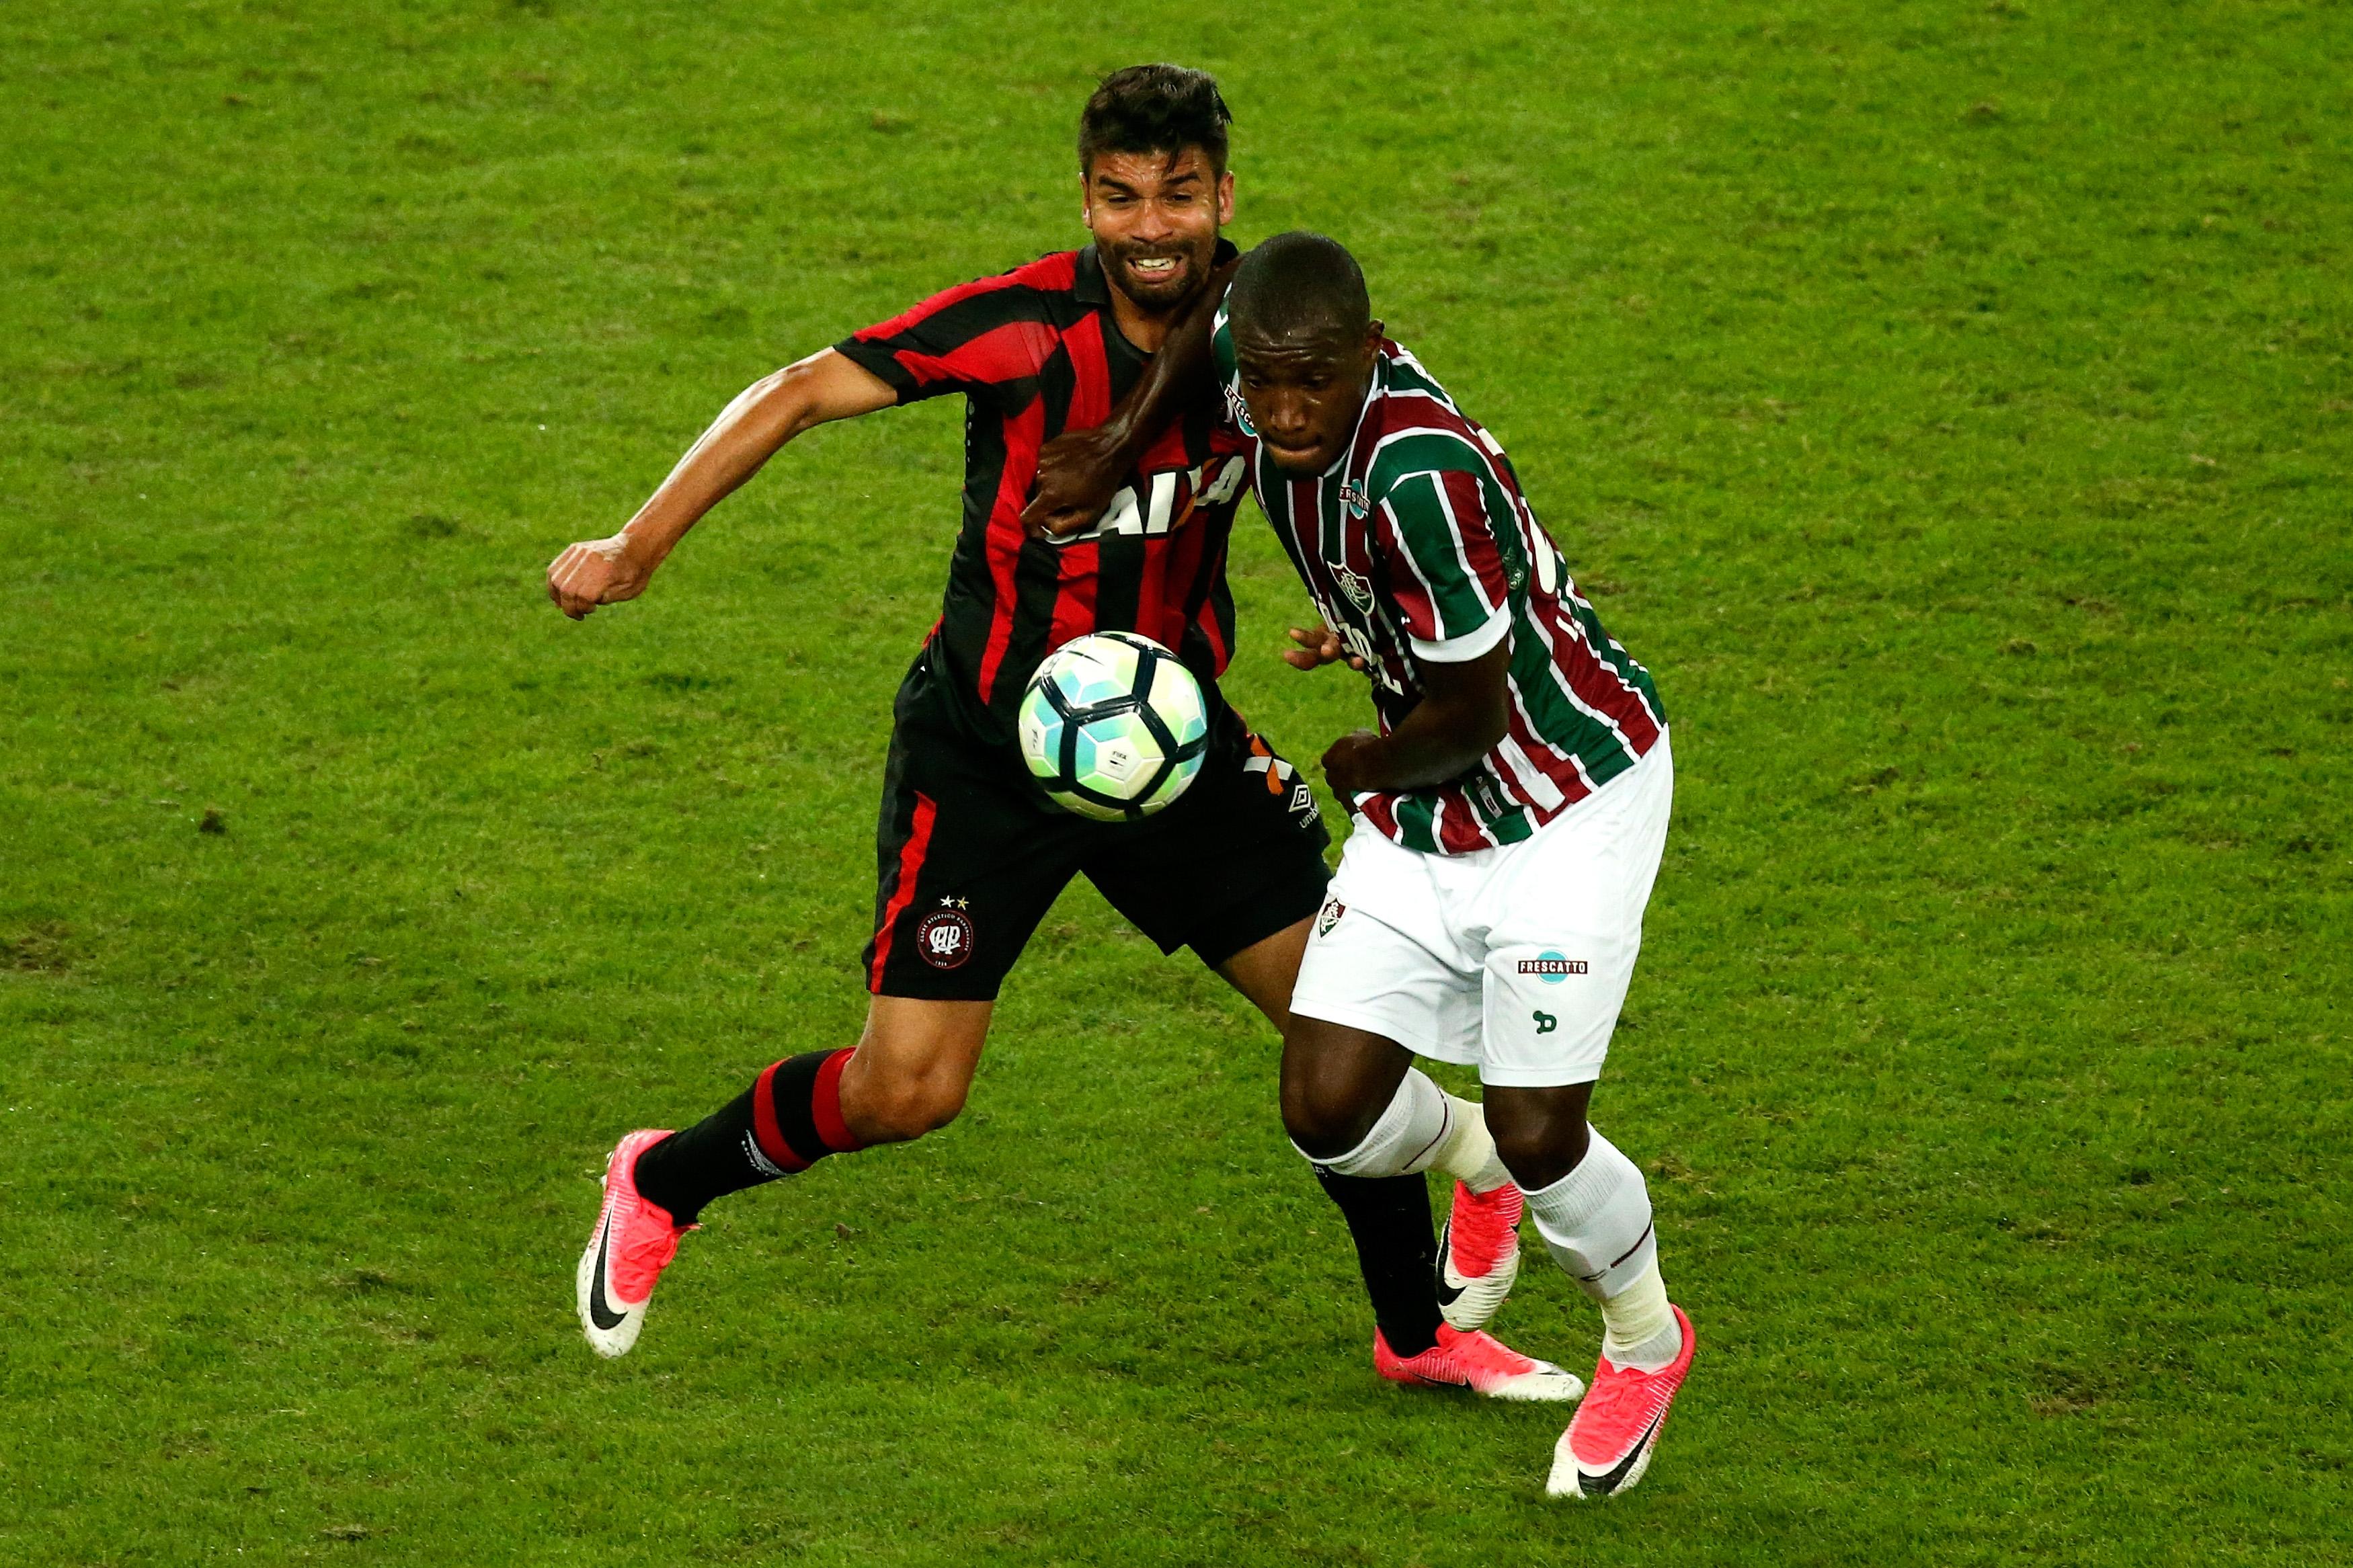 Luiz Fernando, Fluminense